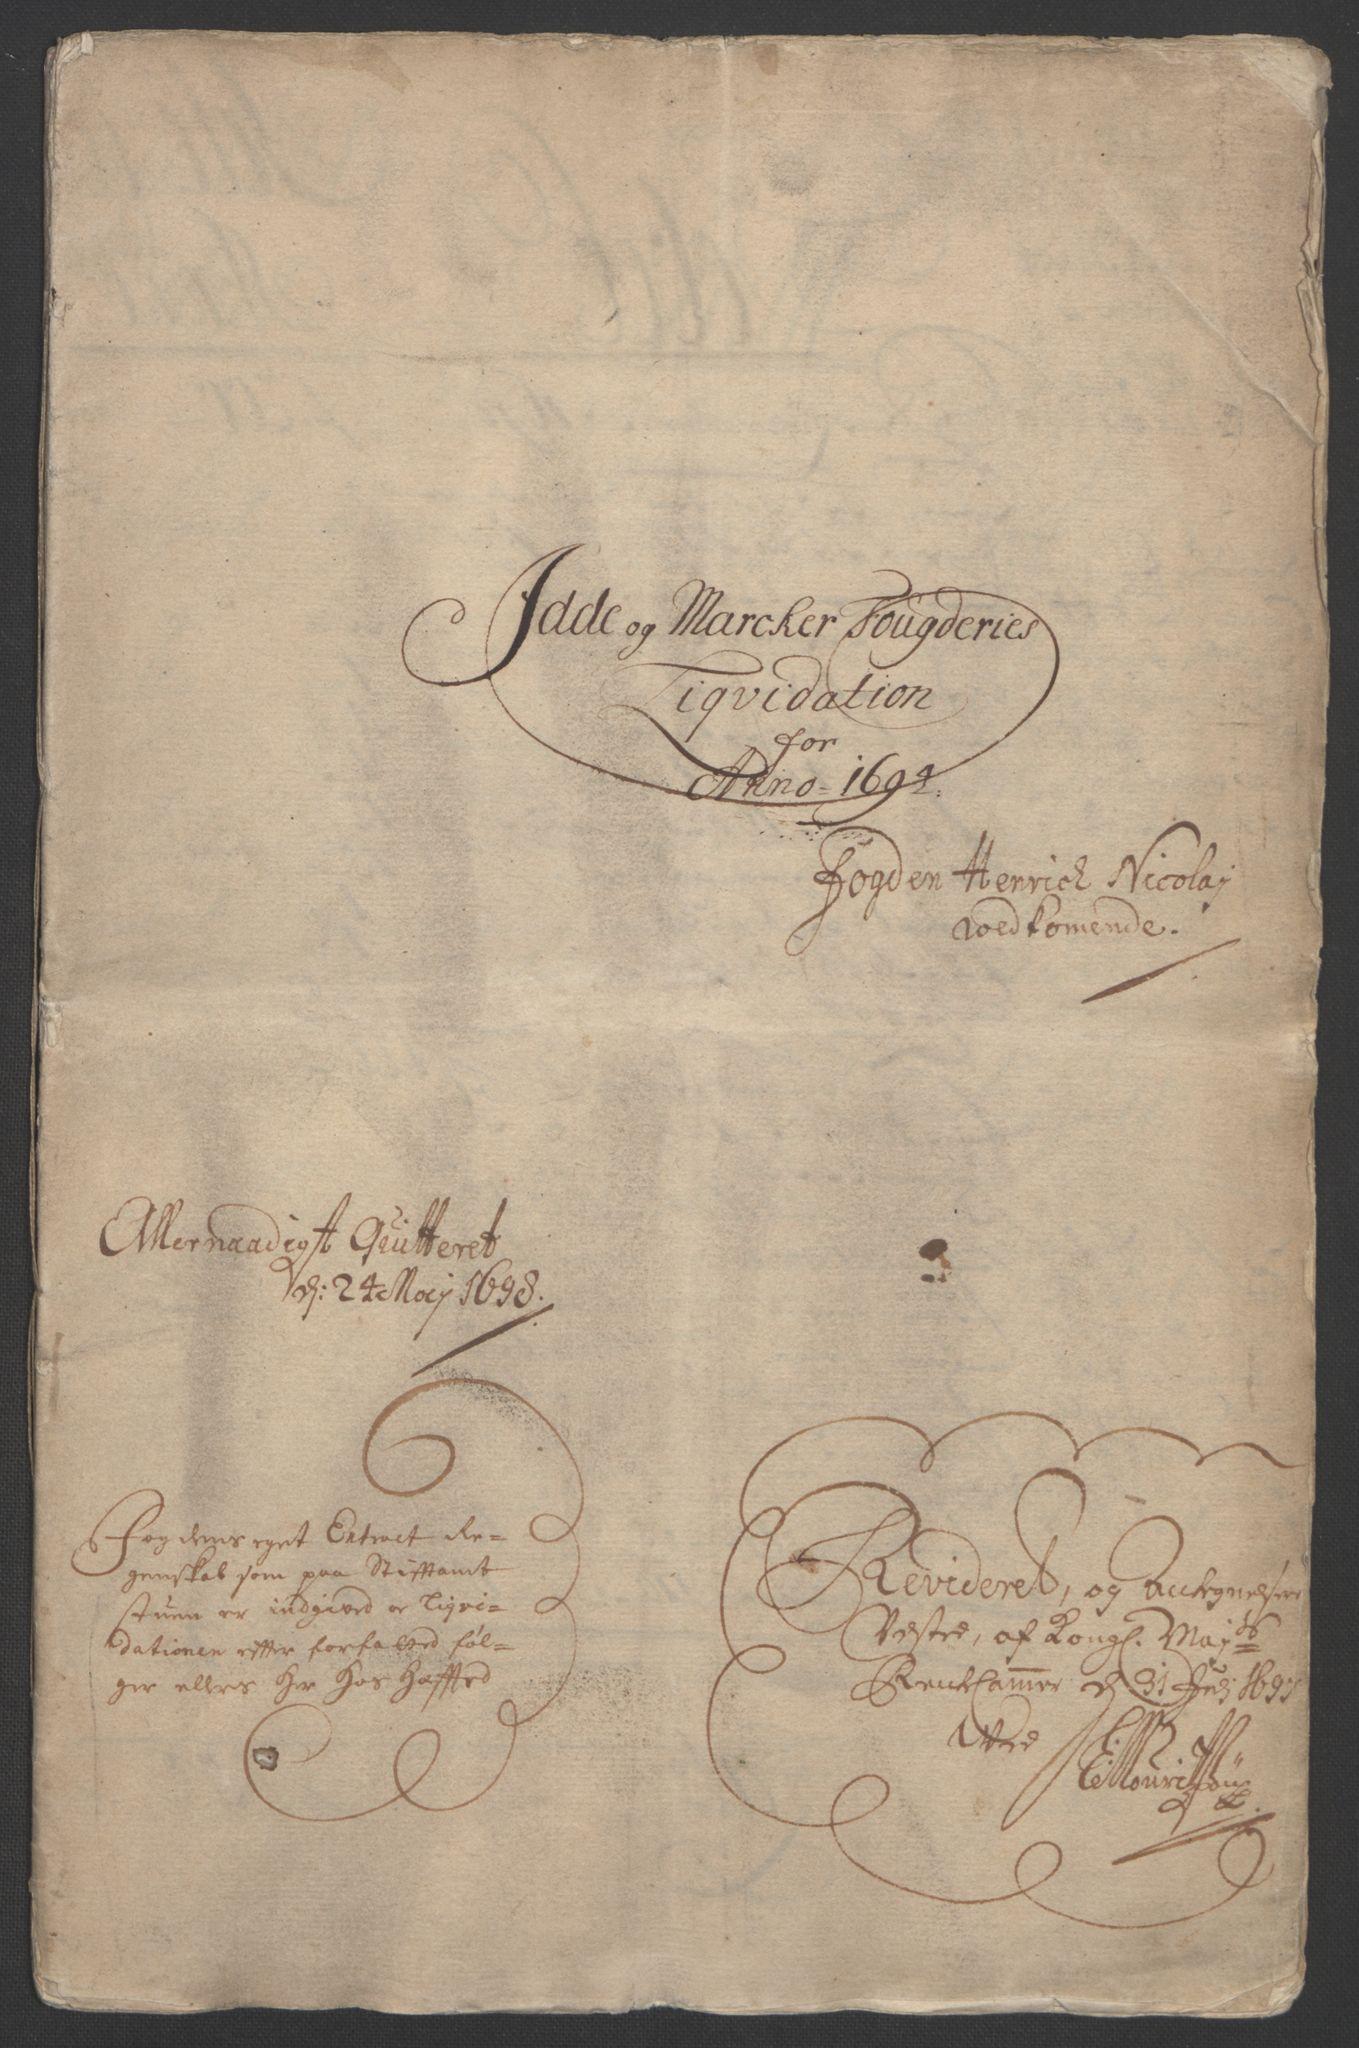 RA, Rentekammeret inntil 1814, Reviderte regnskaper, Fogderegnskap, R01/L0012: Fogderegnskap Idd og Marker, 1694-1695, s. 3